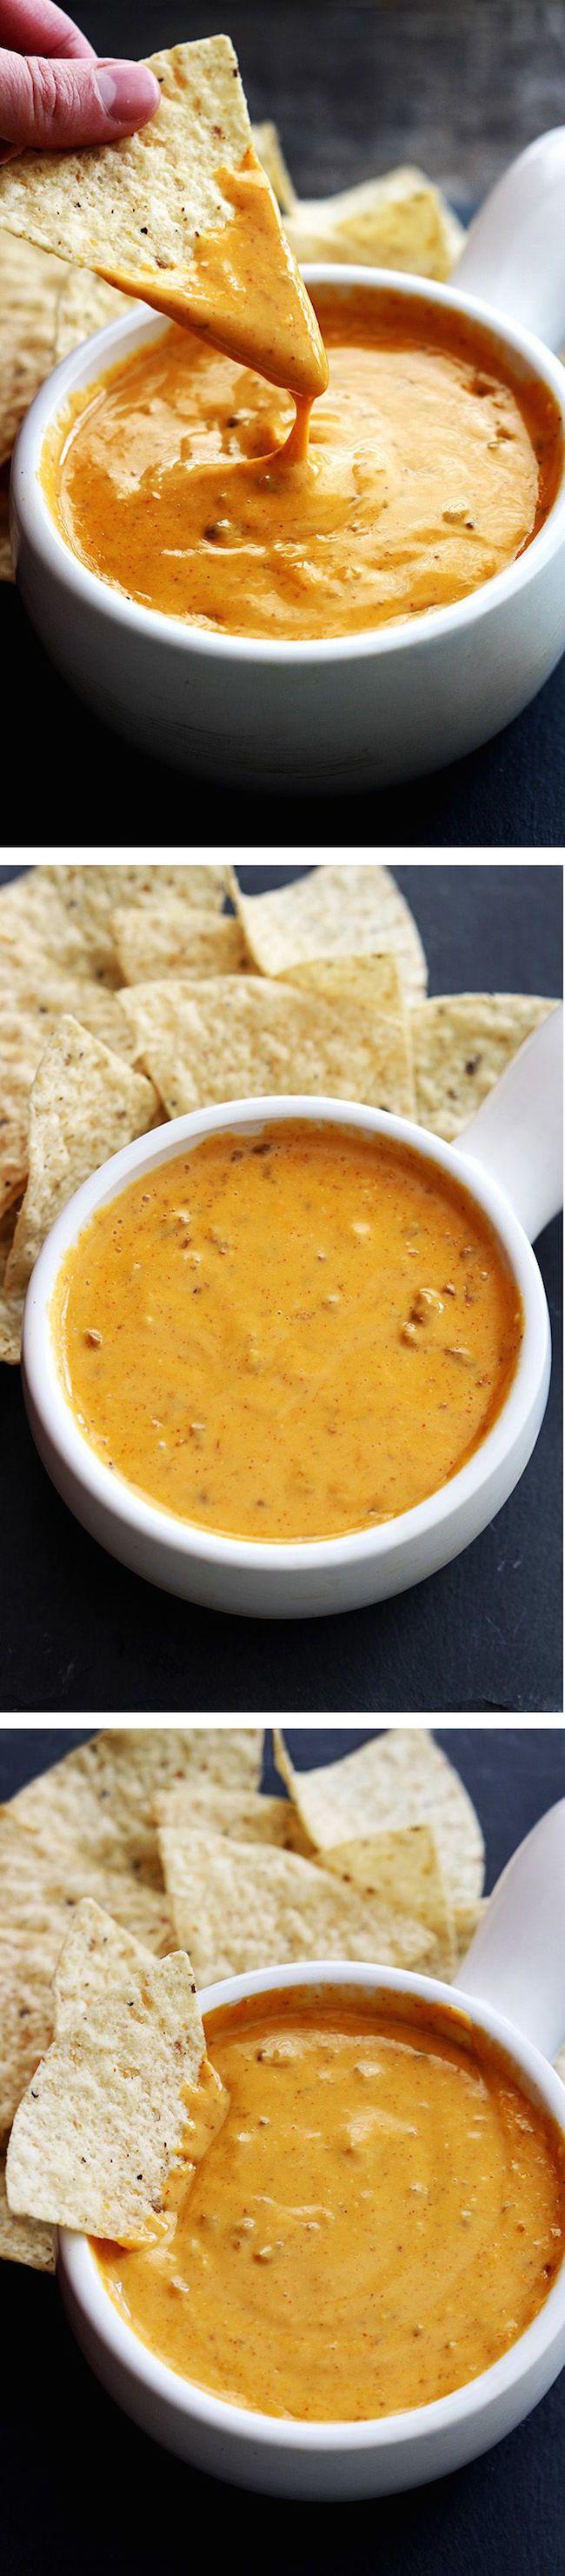 Copycat Chili's Queso Recipe (made in a crockpot)